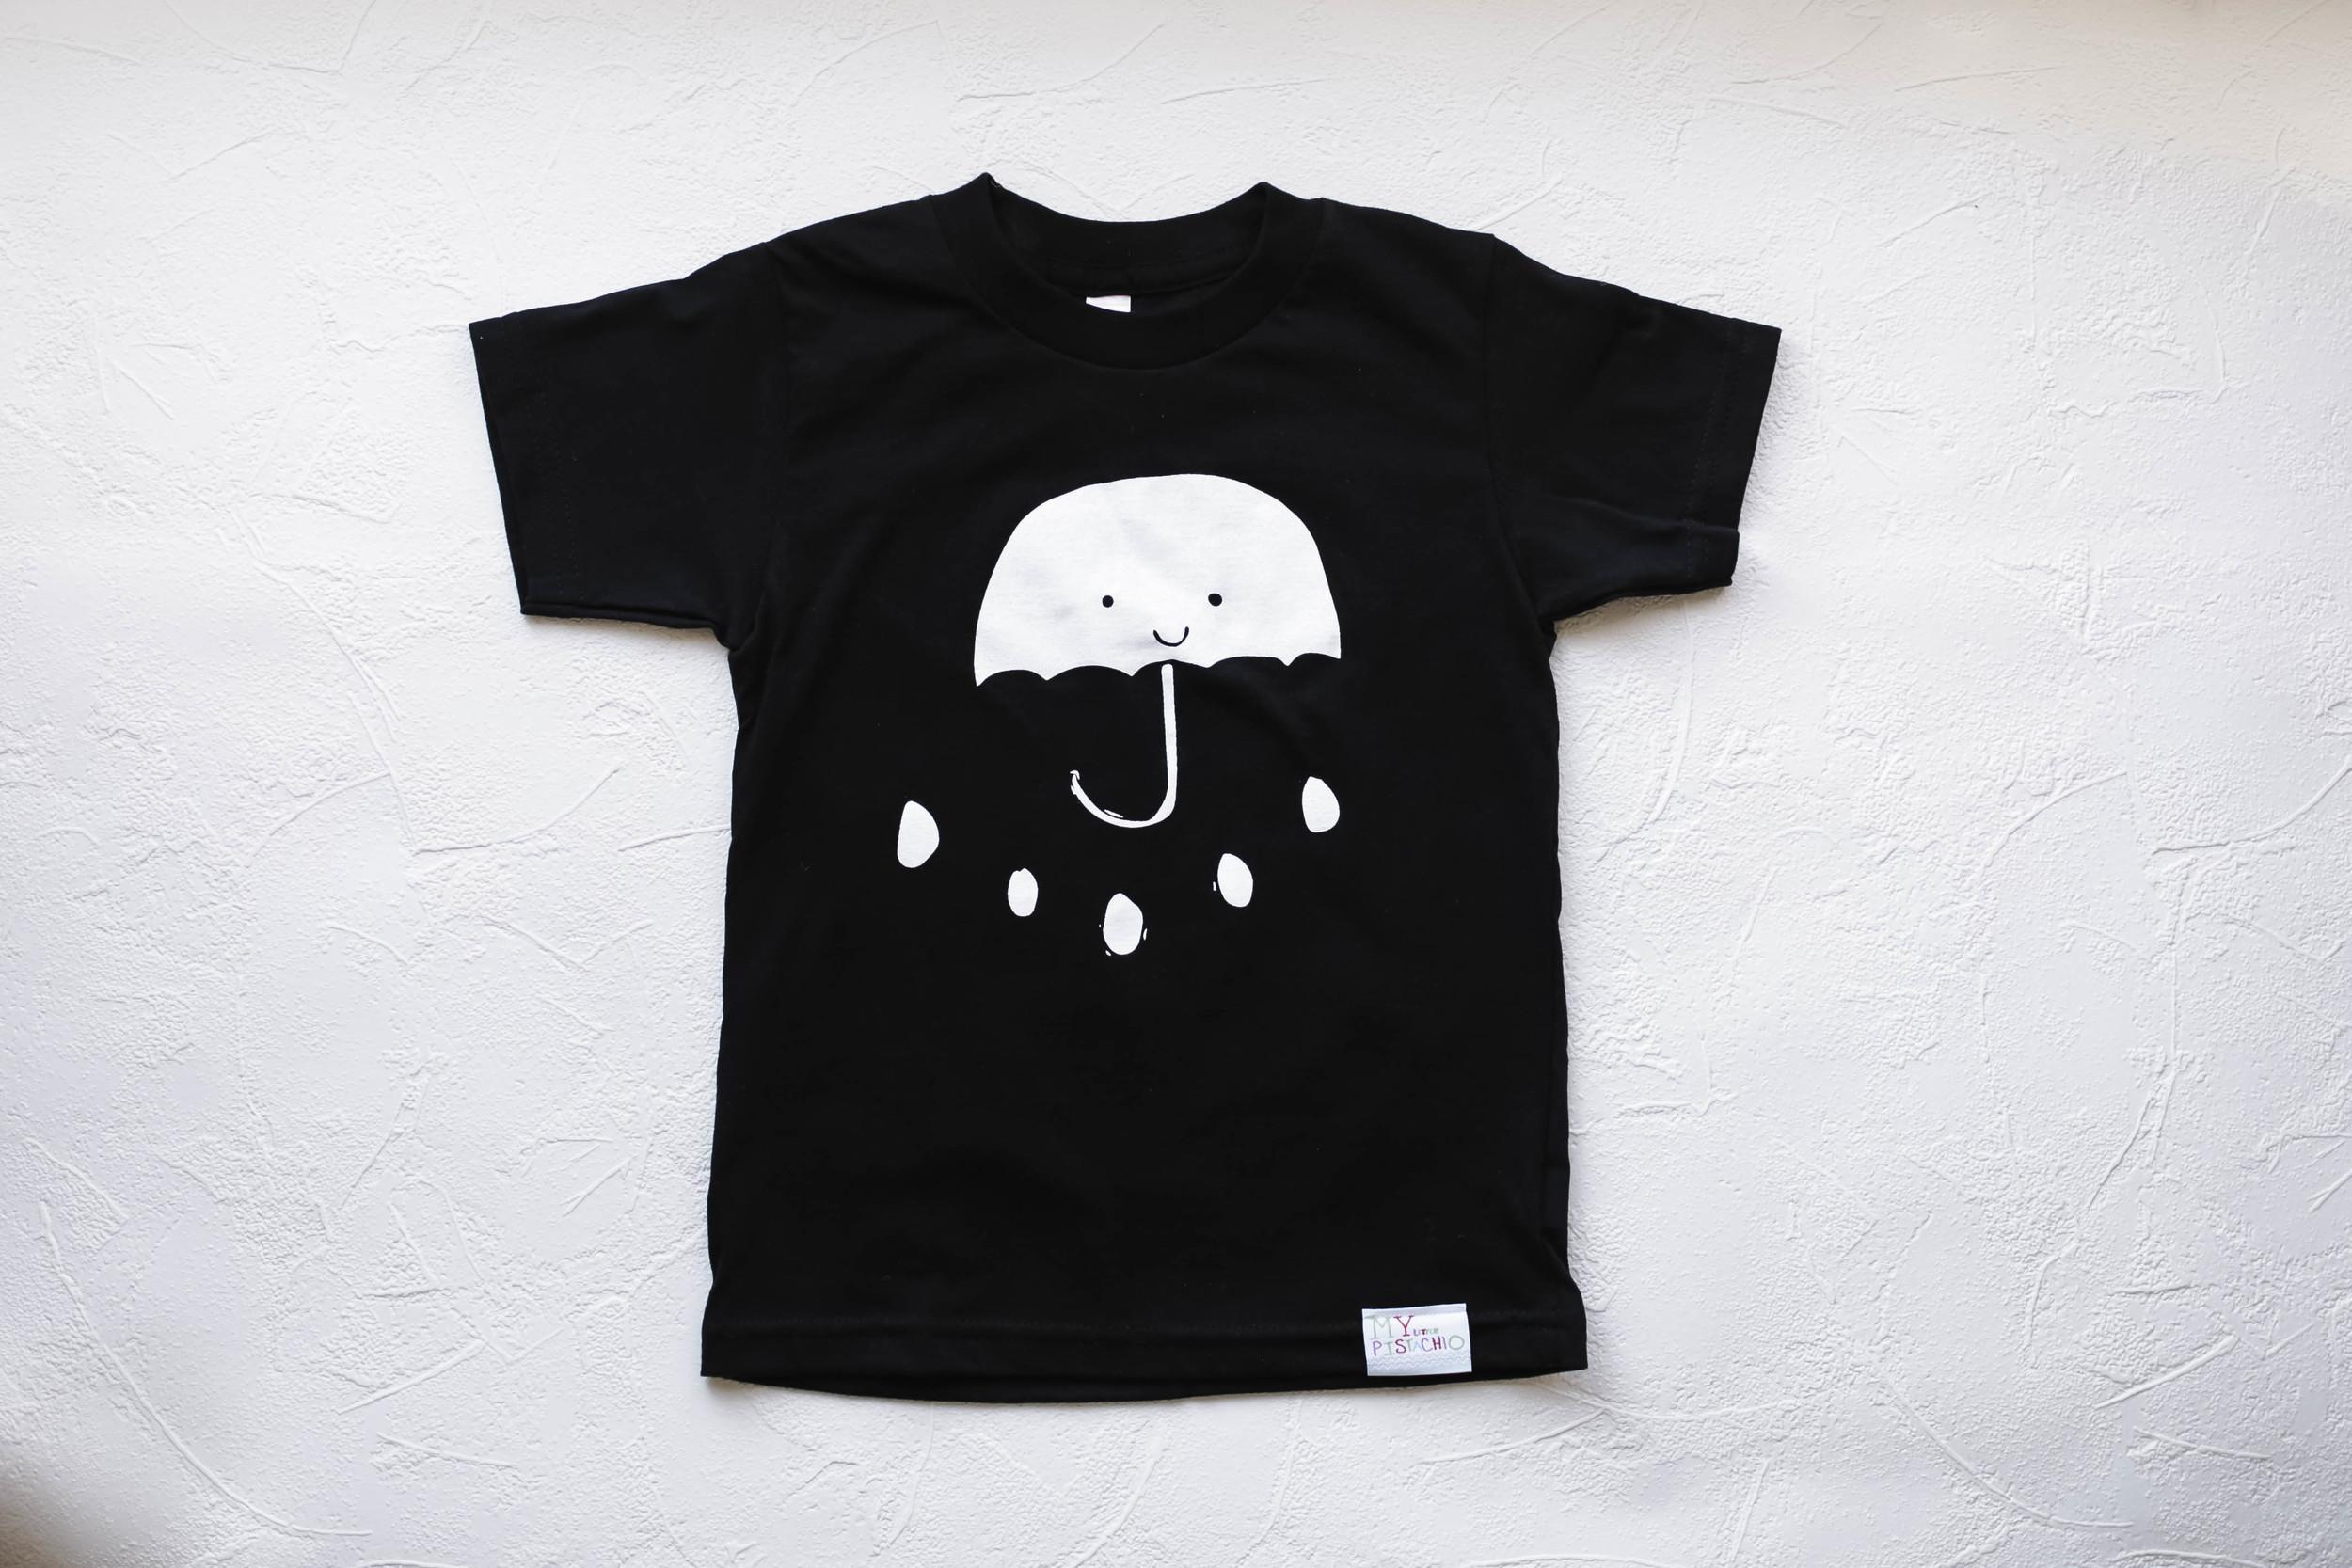 My Little Umbrella T-shirt